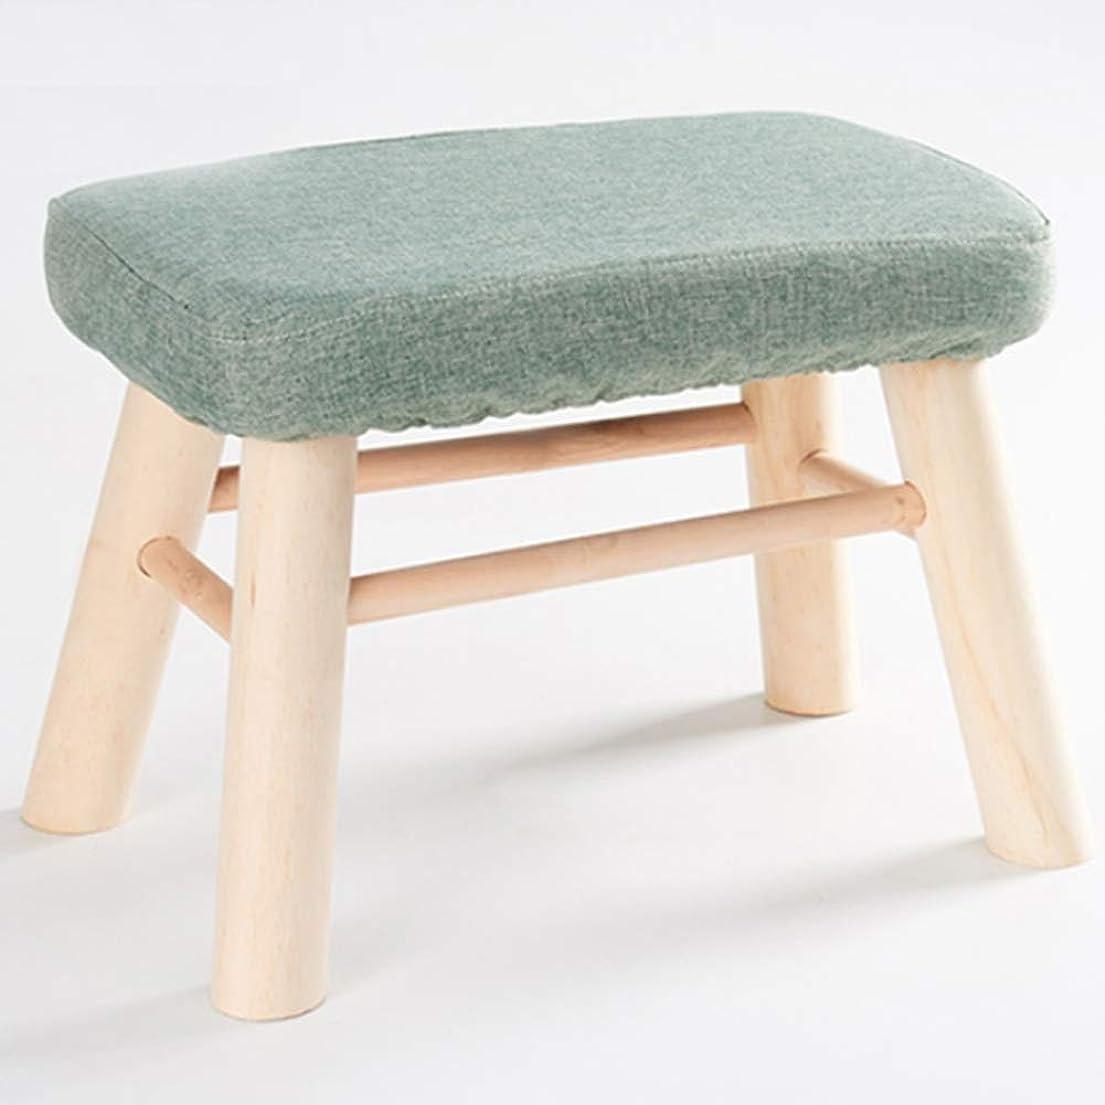 くつろぎ自治ブローYXINY ソリッドウッド製スツール 長方形の靴ベンチ ホーム生地の小さな椅子 リビングルームのソファベンチ クリエイティブ小さなベンチ (Color : Navy)